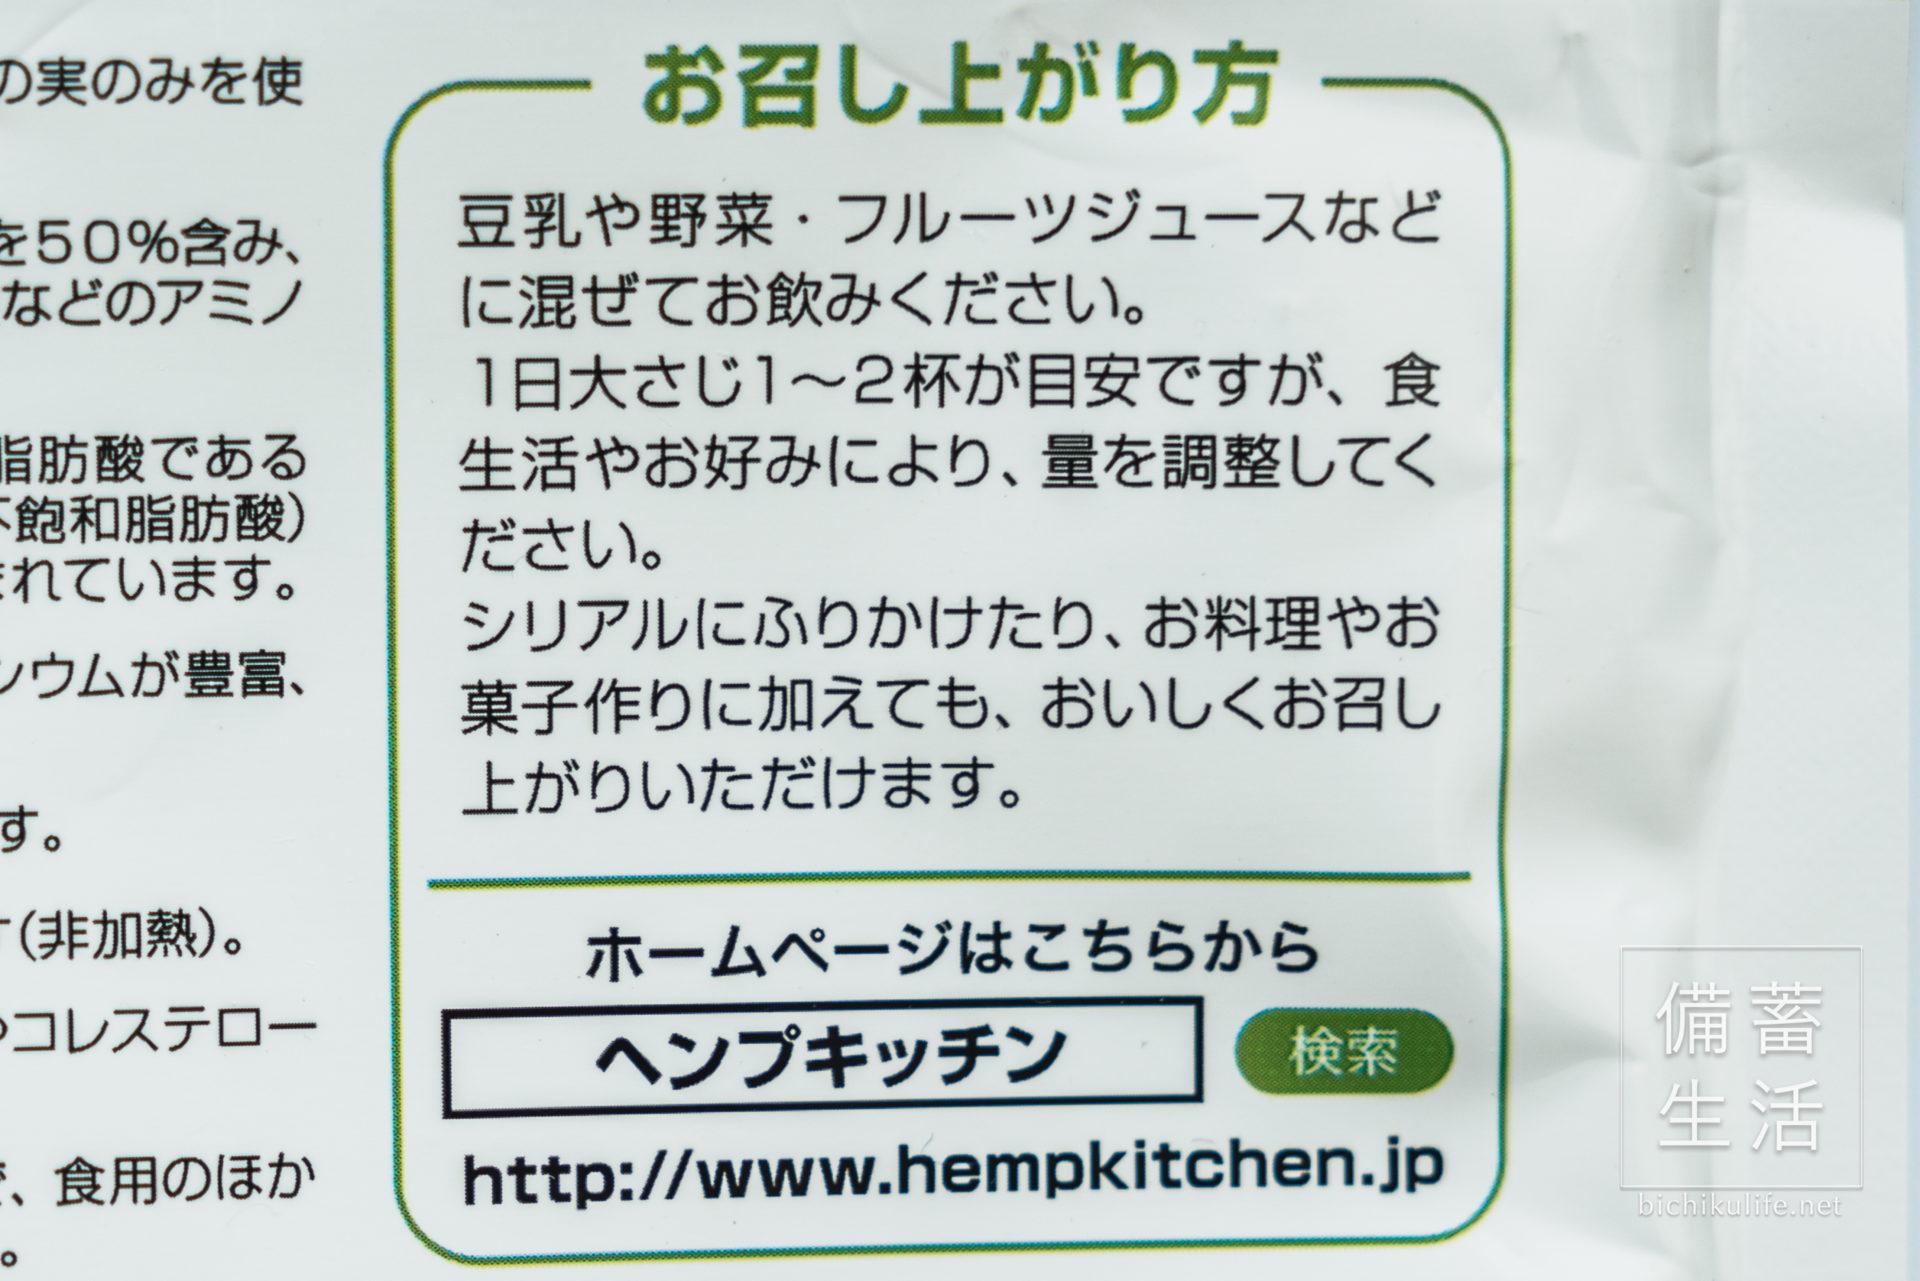 Hemp Kitchen(ヘンプキッチン)の有機ヘンプパウダー、麻の実たんぱく(粉末)のレシピ、摂取方法